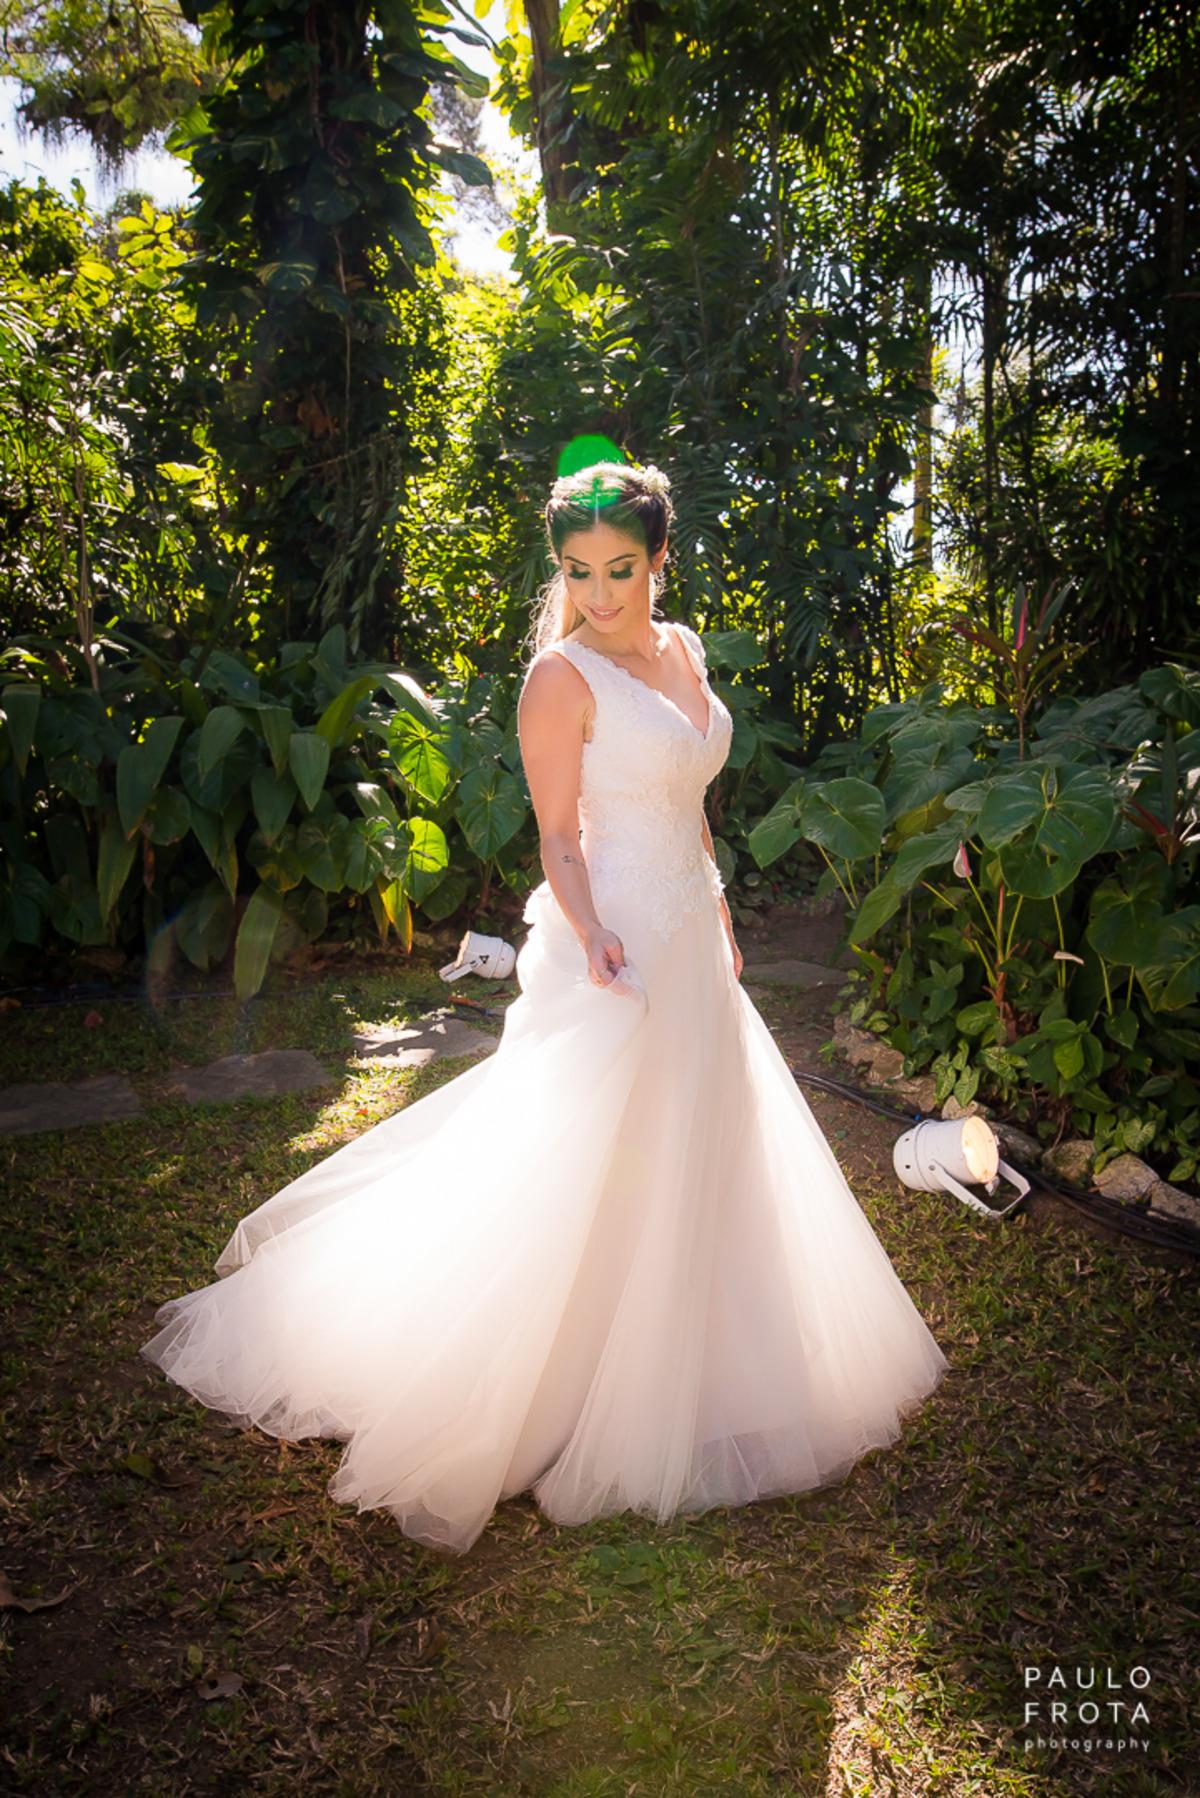 foto posada da noiva